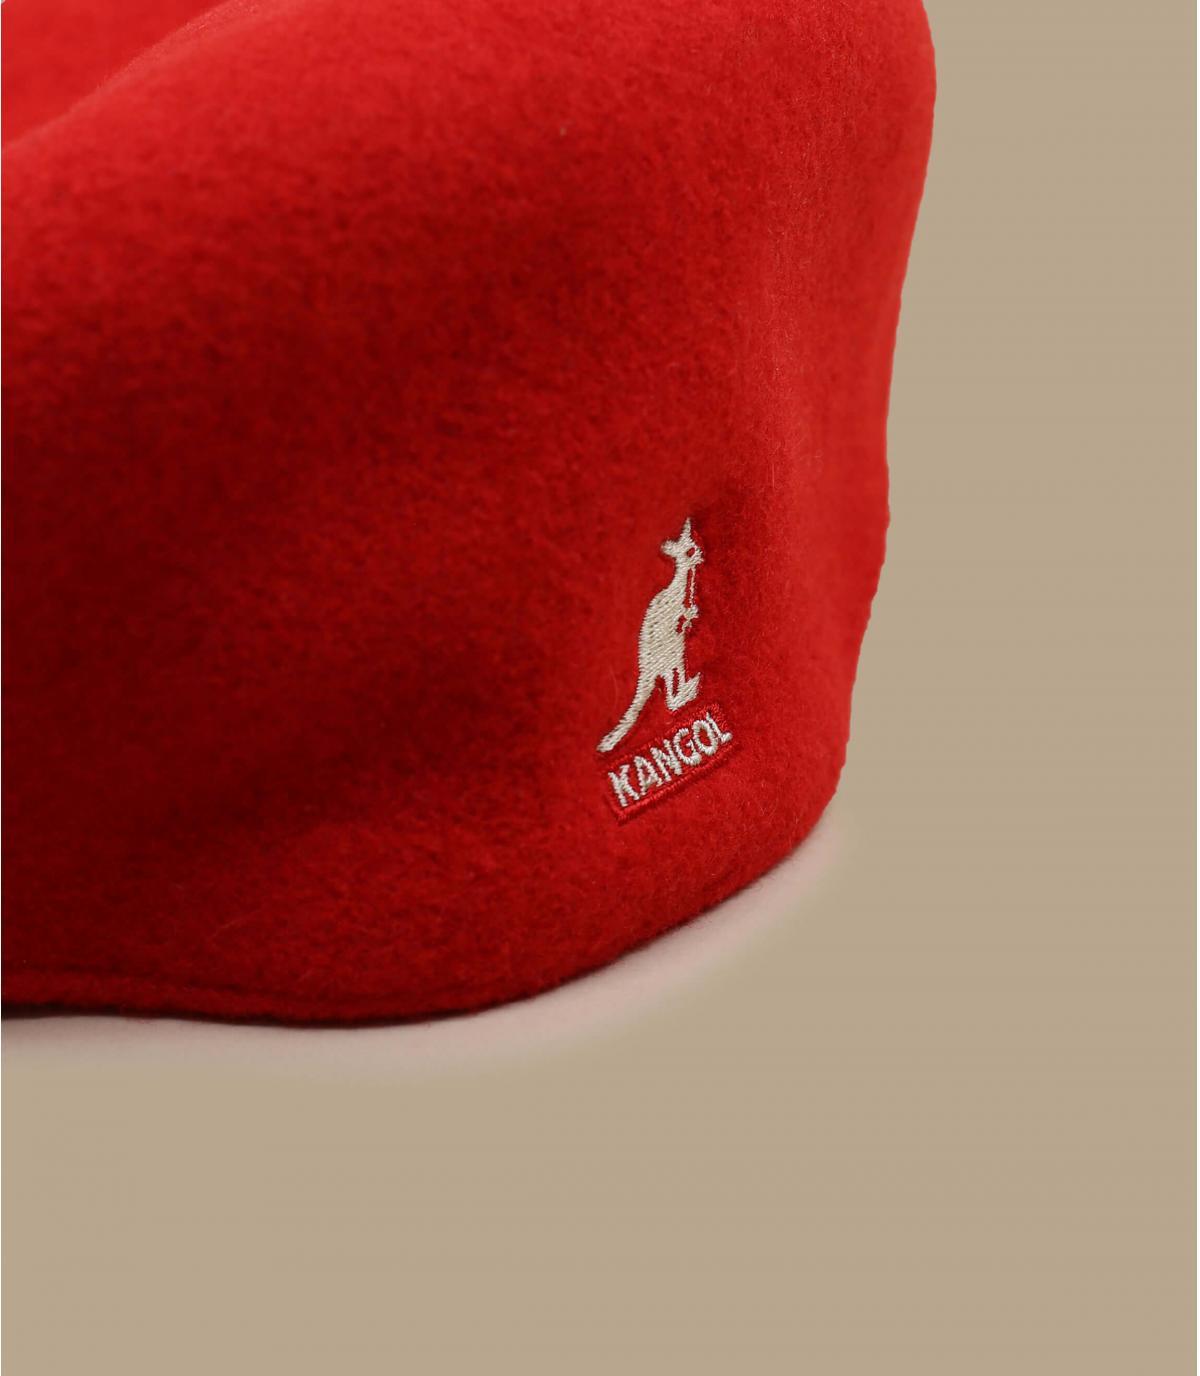 Détails 504 wool rouge - image 2